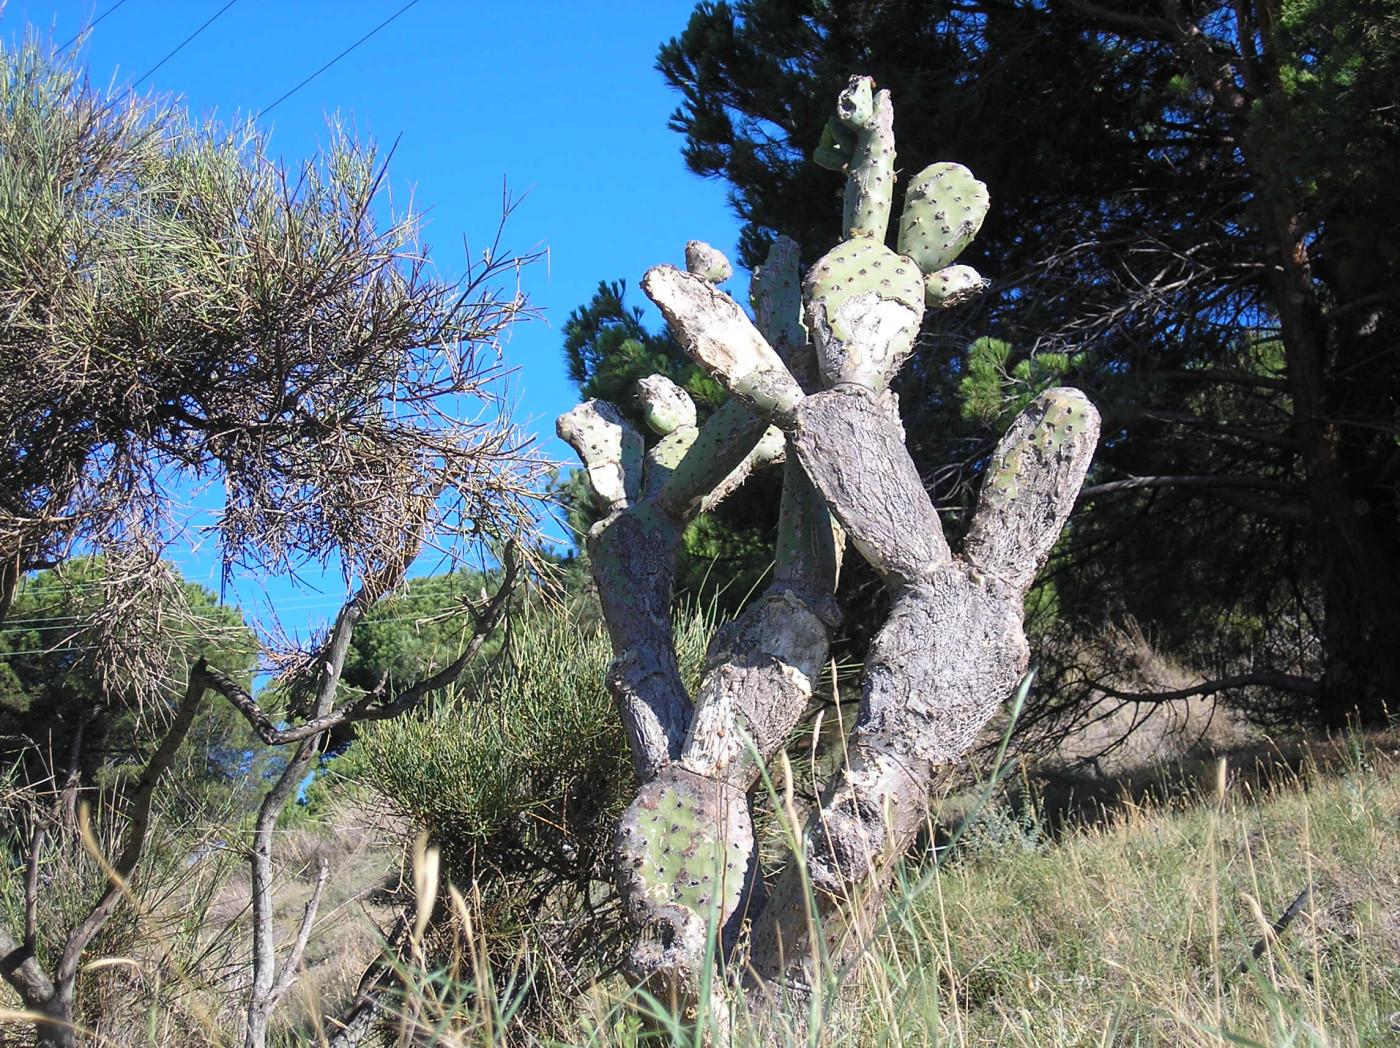 Tapeta calella_kaktus_1